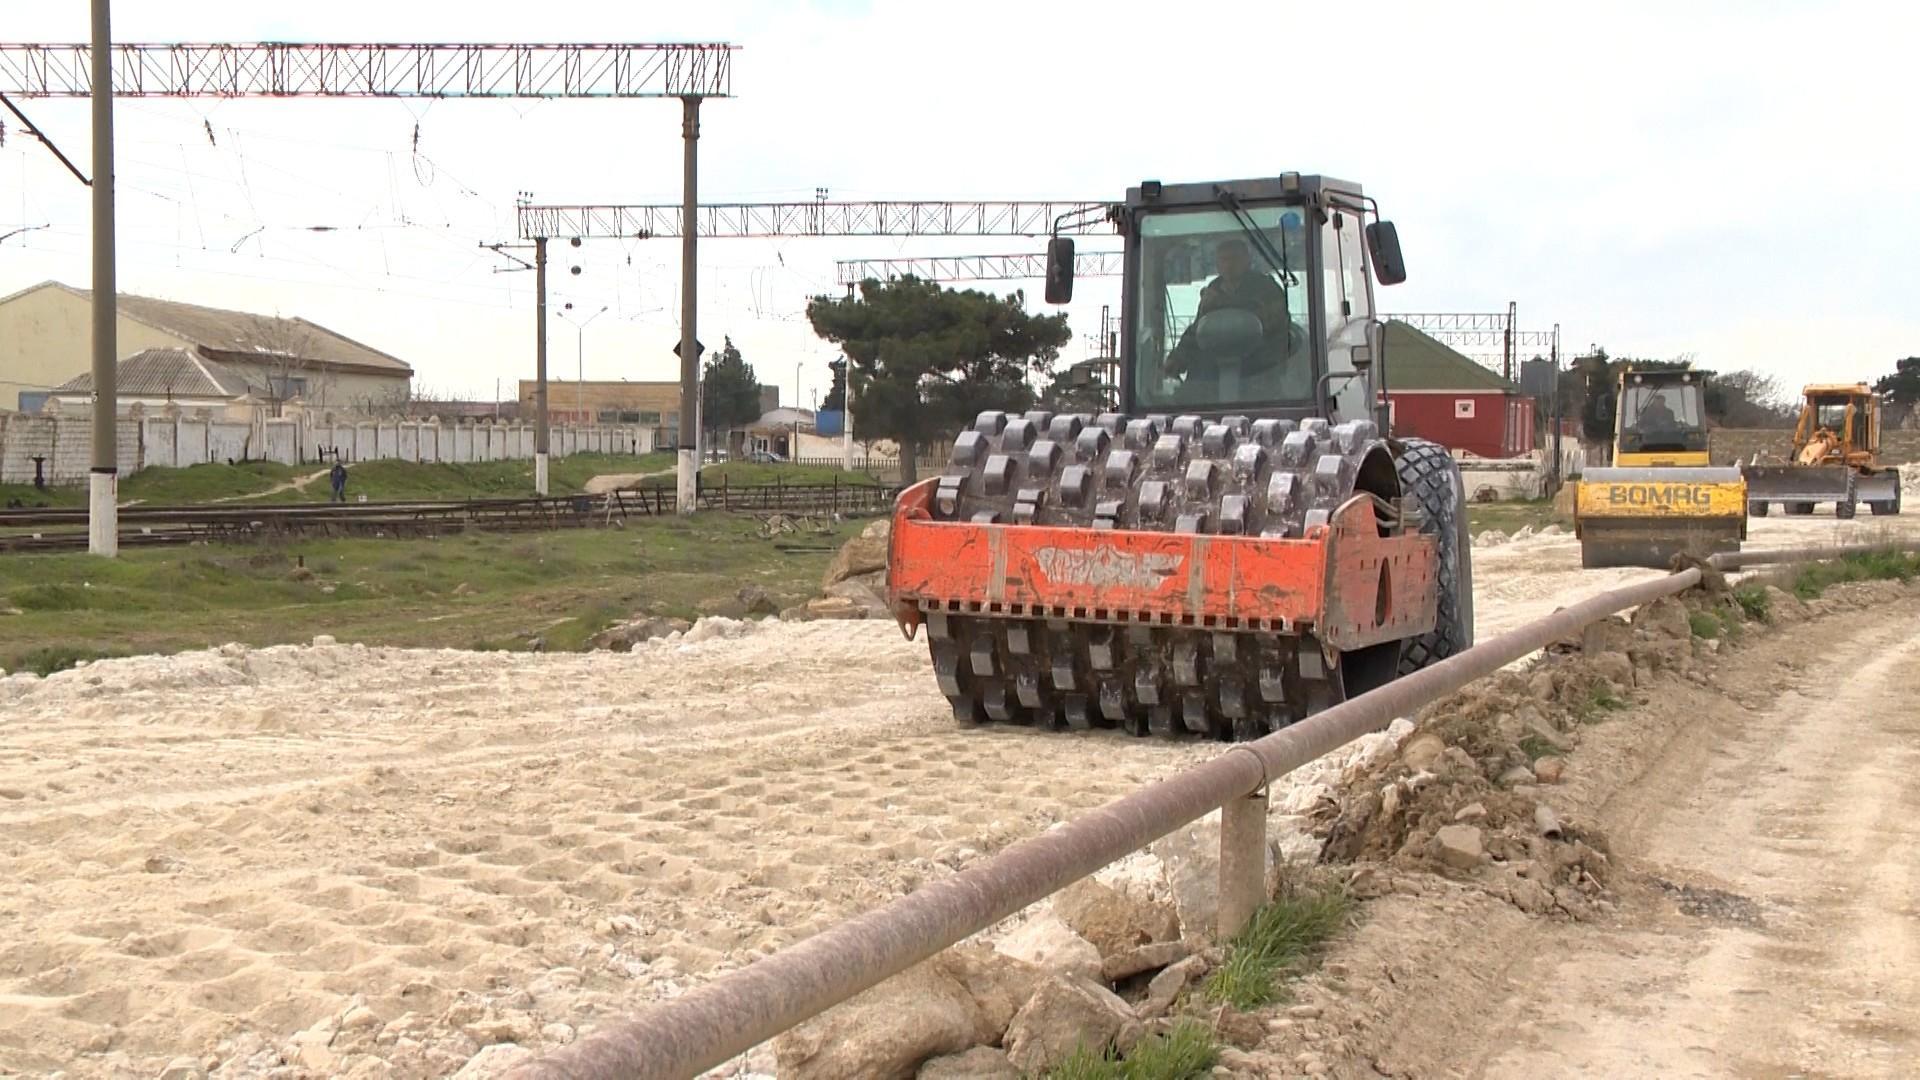 Mərdəkan-Qala avtomobil yolunun bərpası işləri aparılır (FOTO/VİDEO)